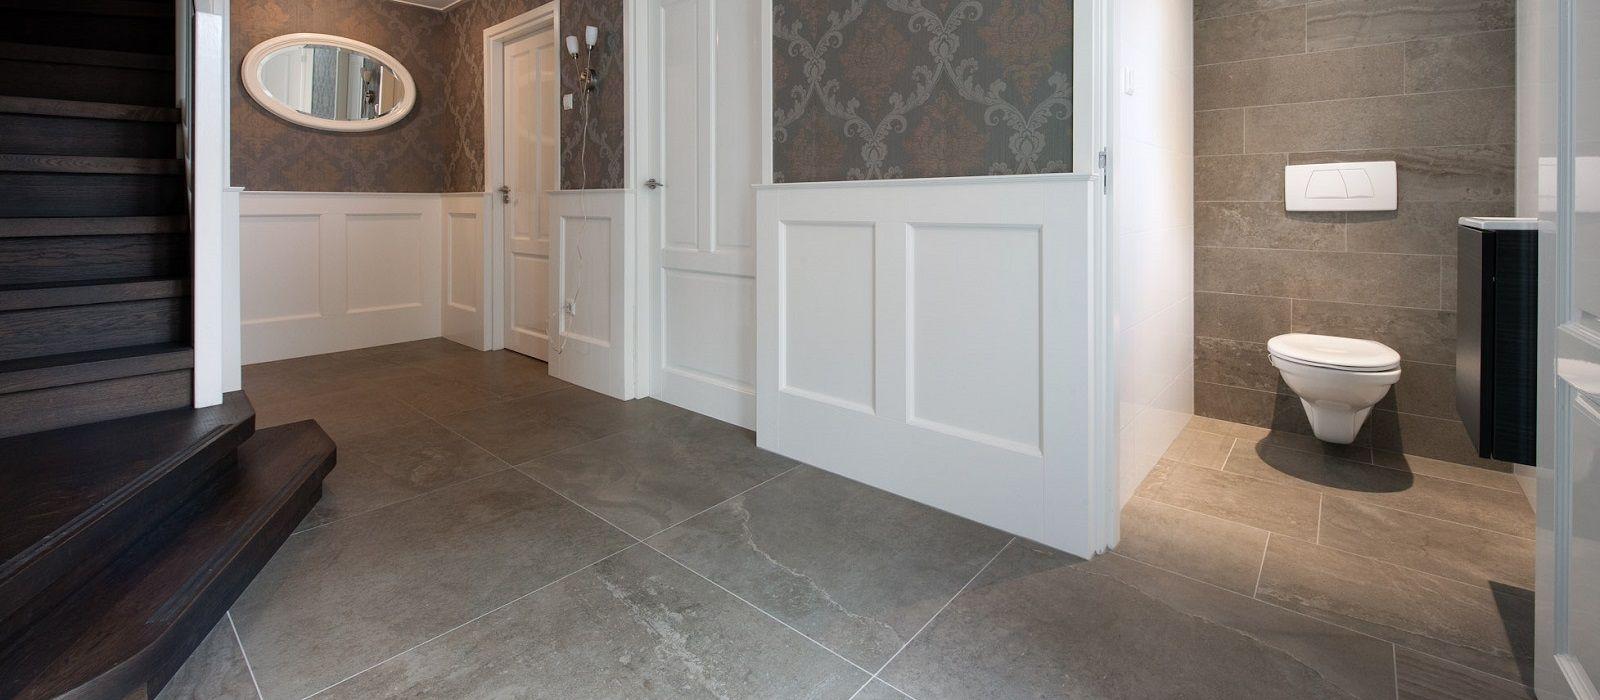 Vloeren en tegels  specialist stenen vloeren  KROON Vloeren